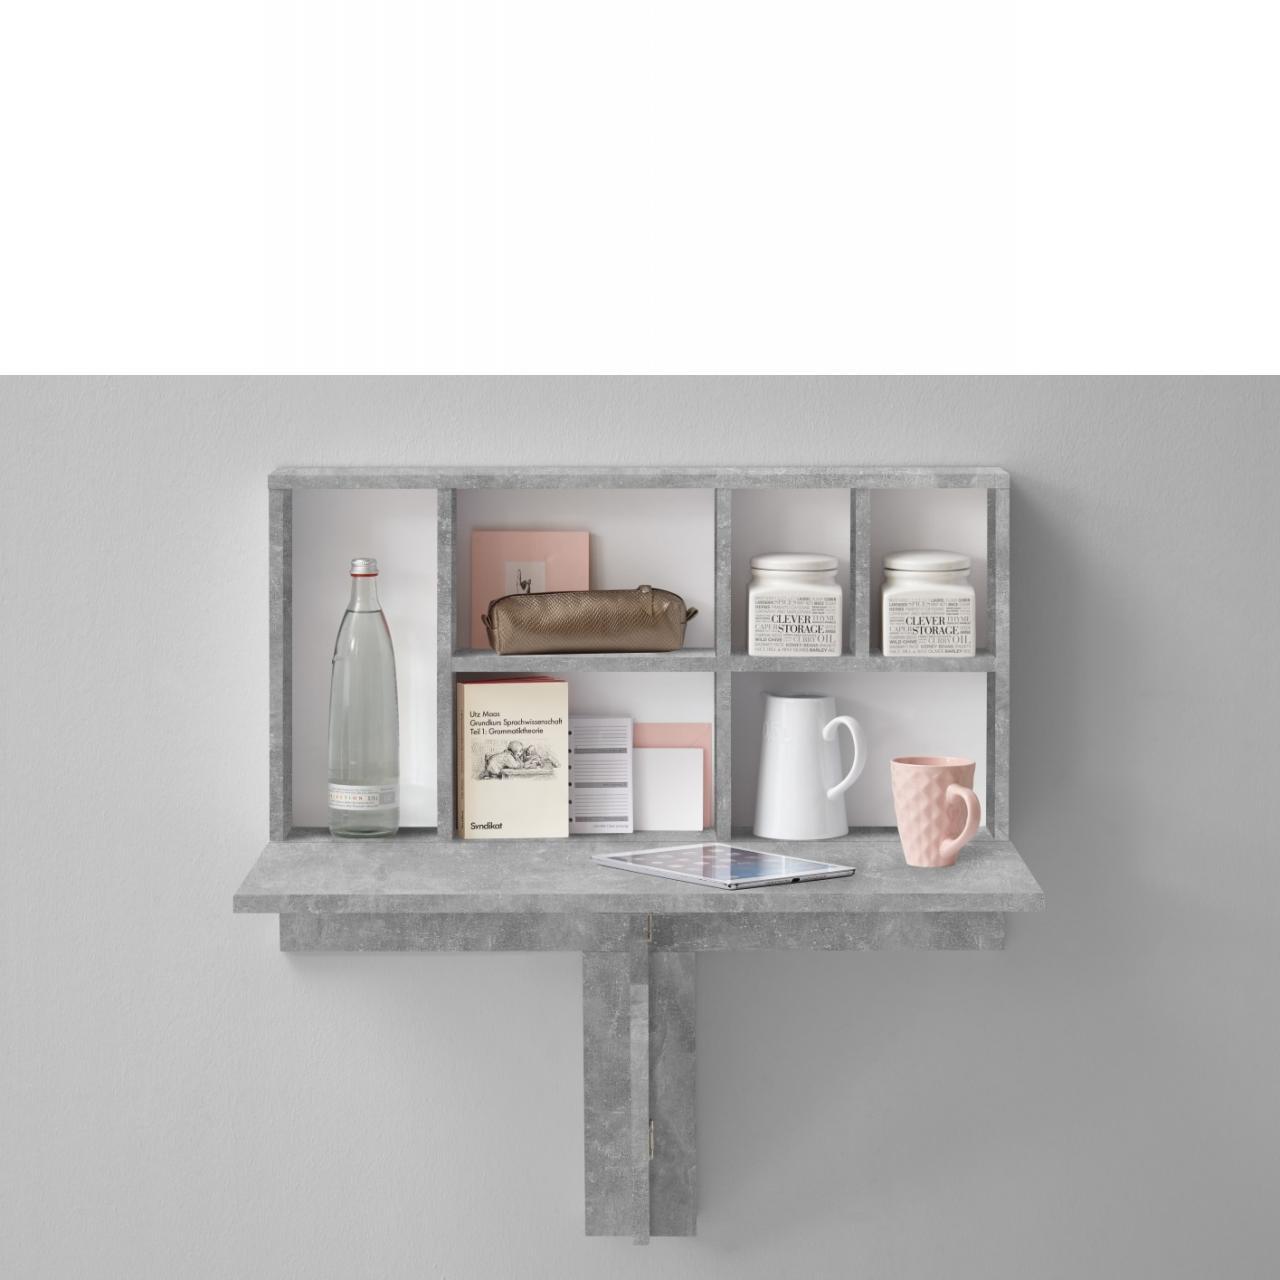 arta 2 klapptisch mit regal beton regale wohnen m bel j hnichen center gmbh. Black Bedroom Furniture Sets. Home Design Ideas